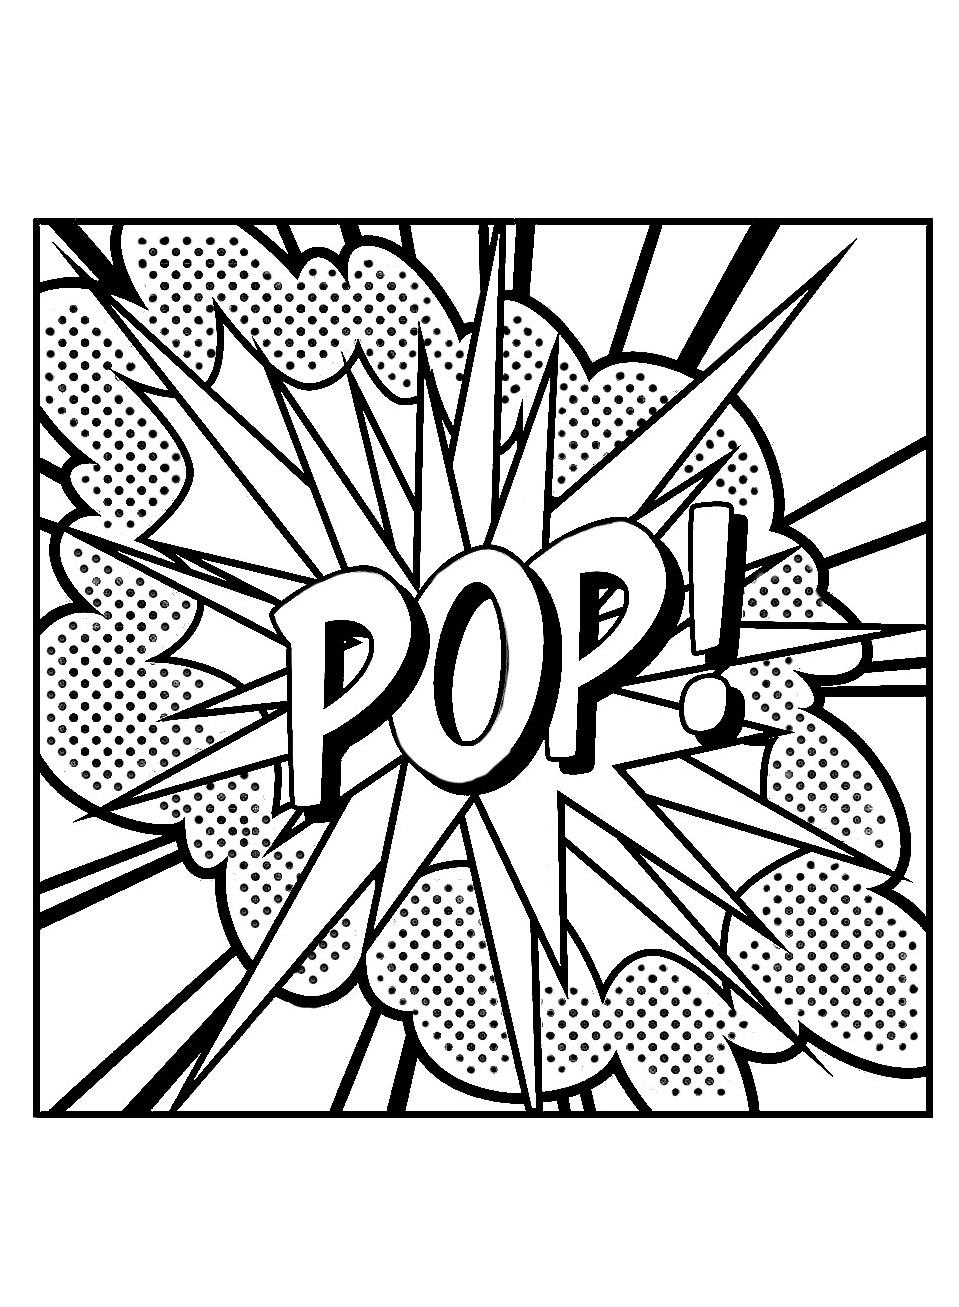 Pop art 33022